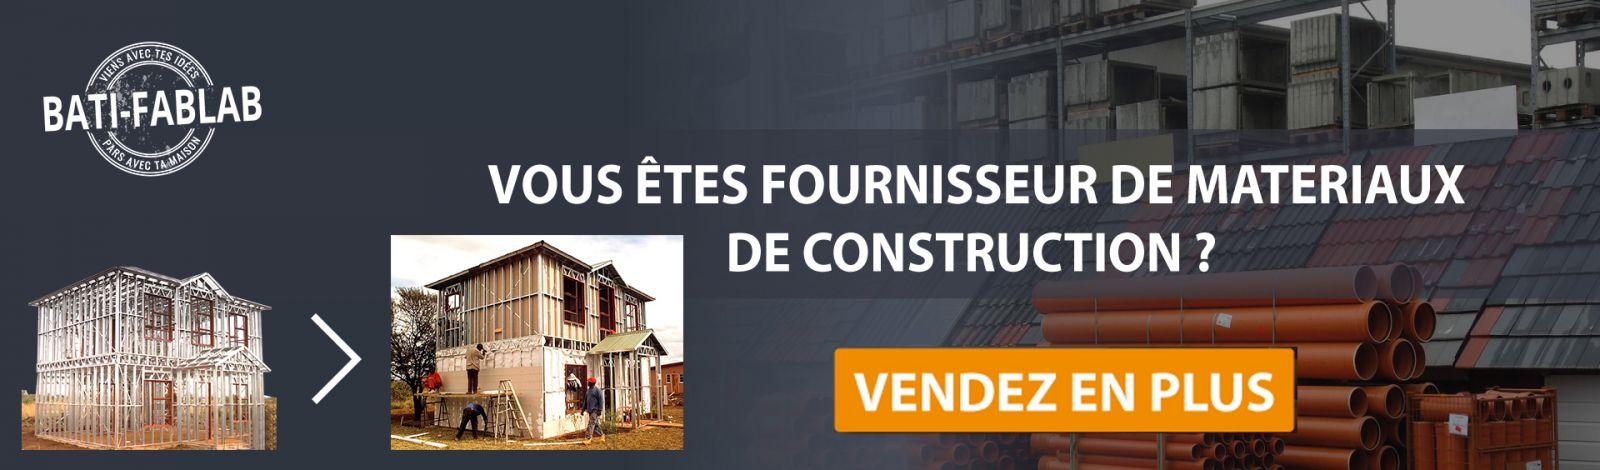 Vendez vos matériaux de construction sur nos ossatures métalliques